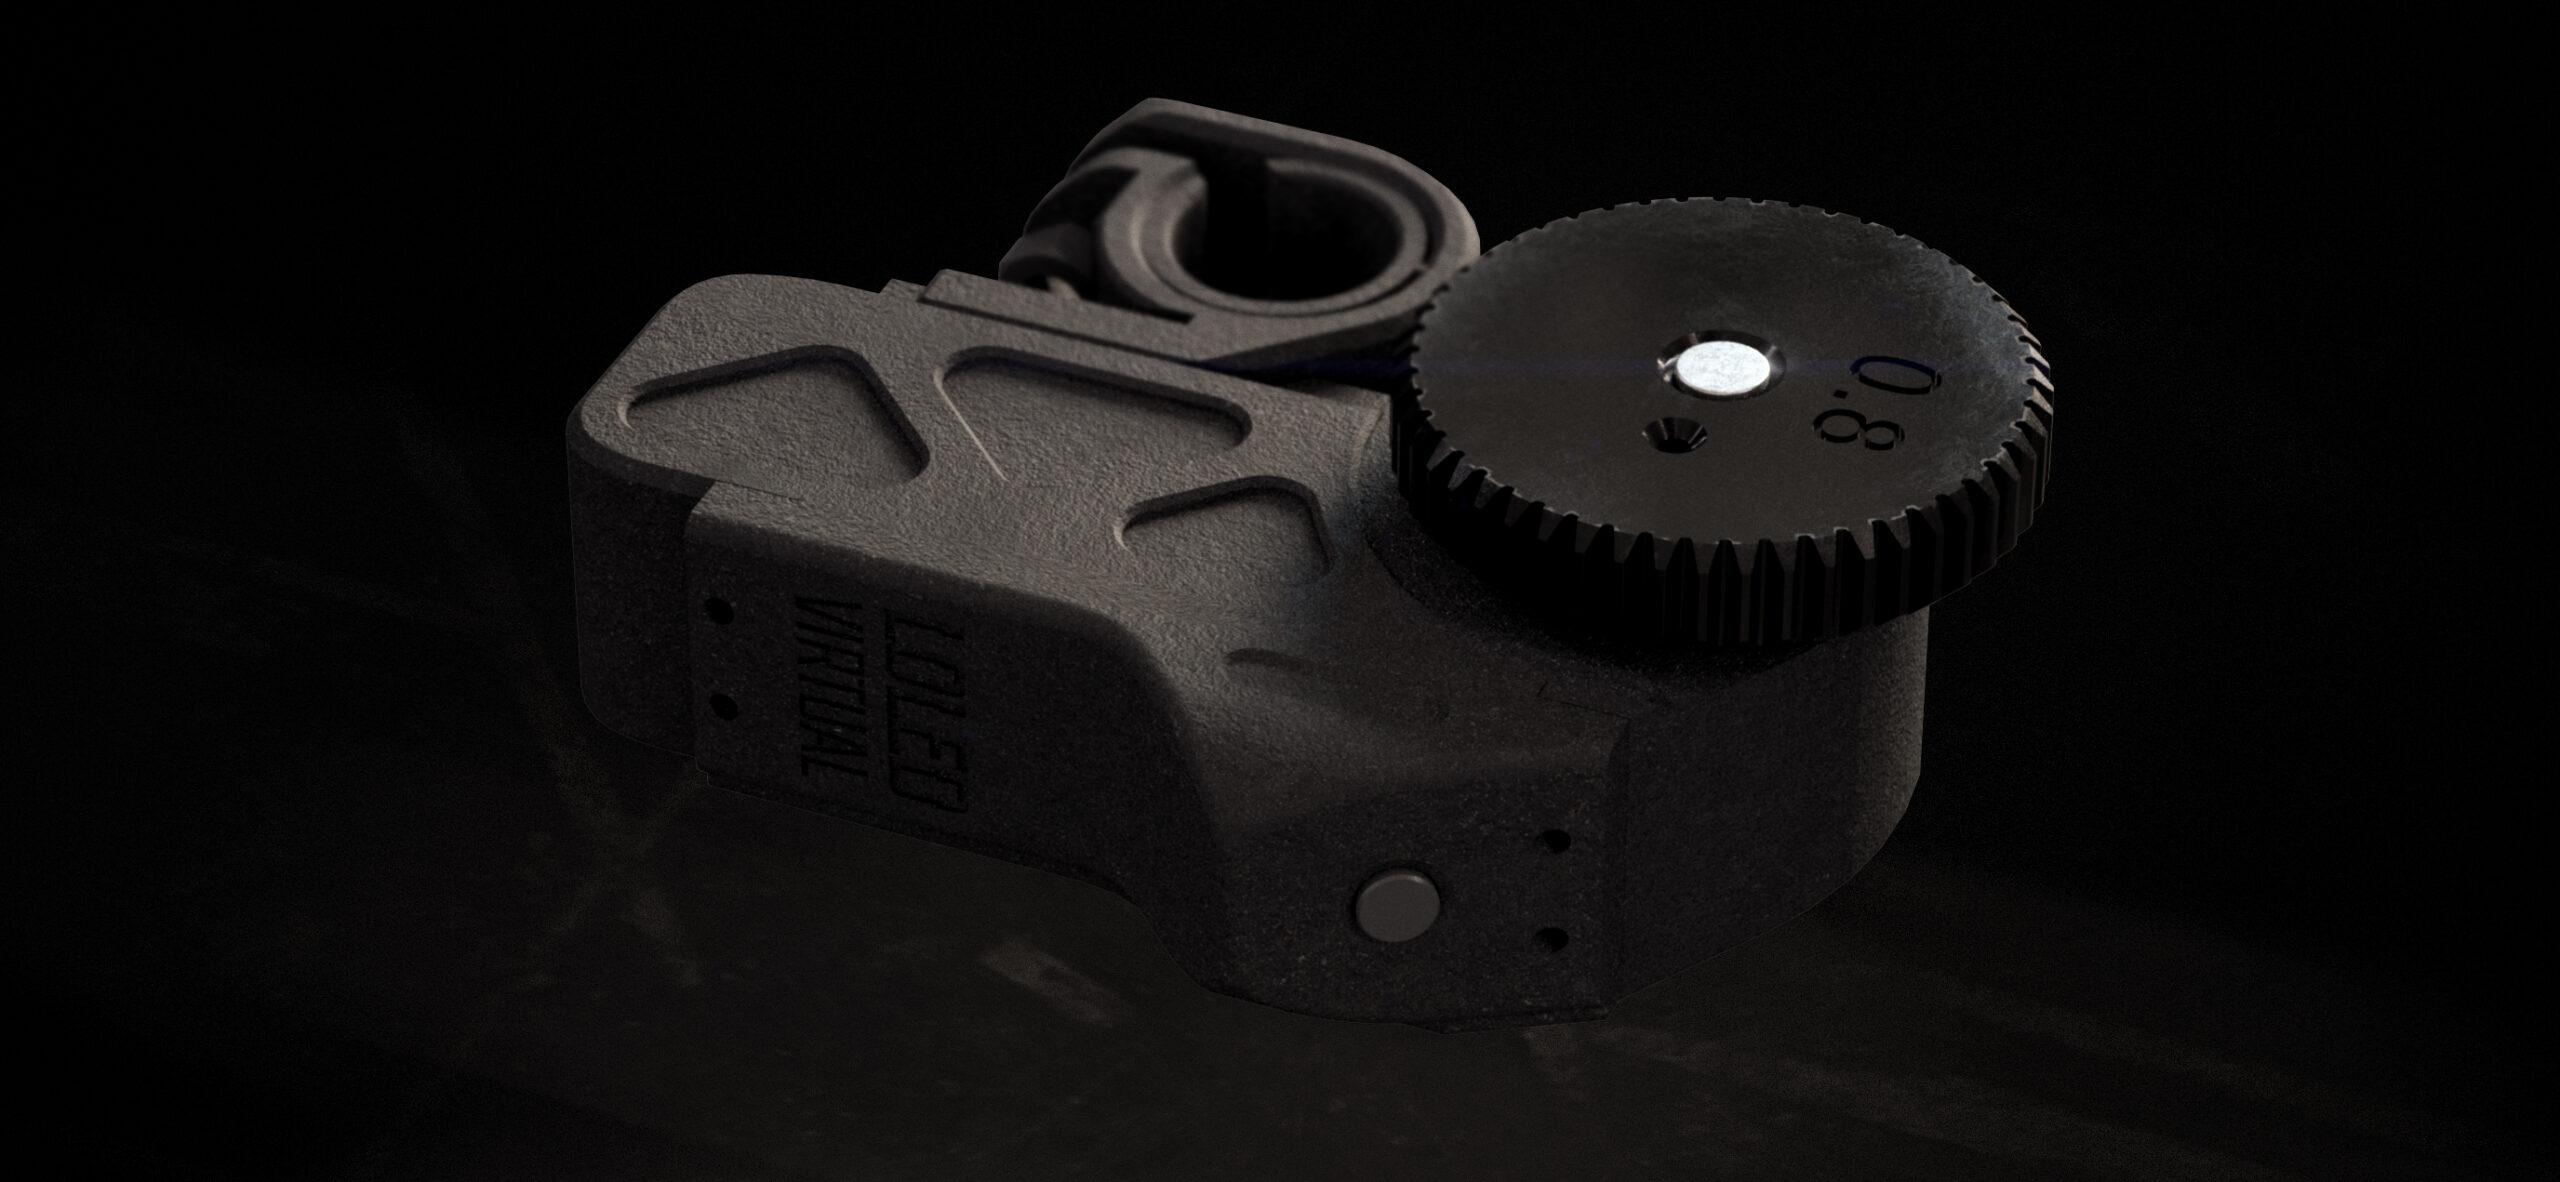 Indiemark Lens Encoder Pre-Order